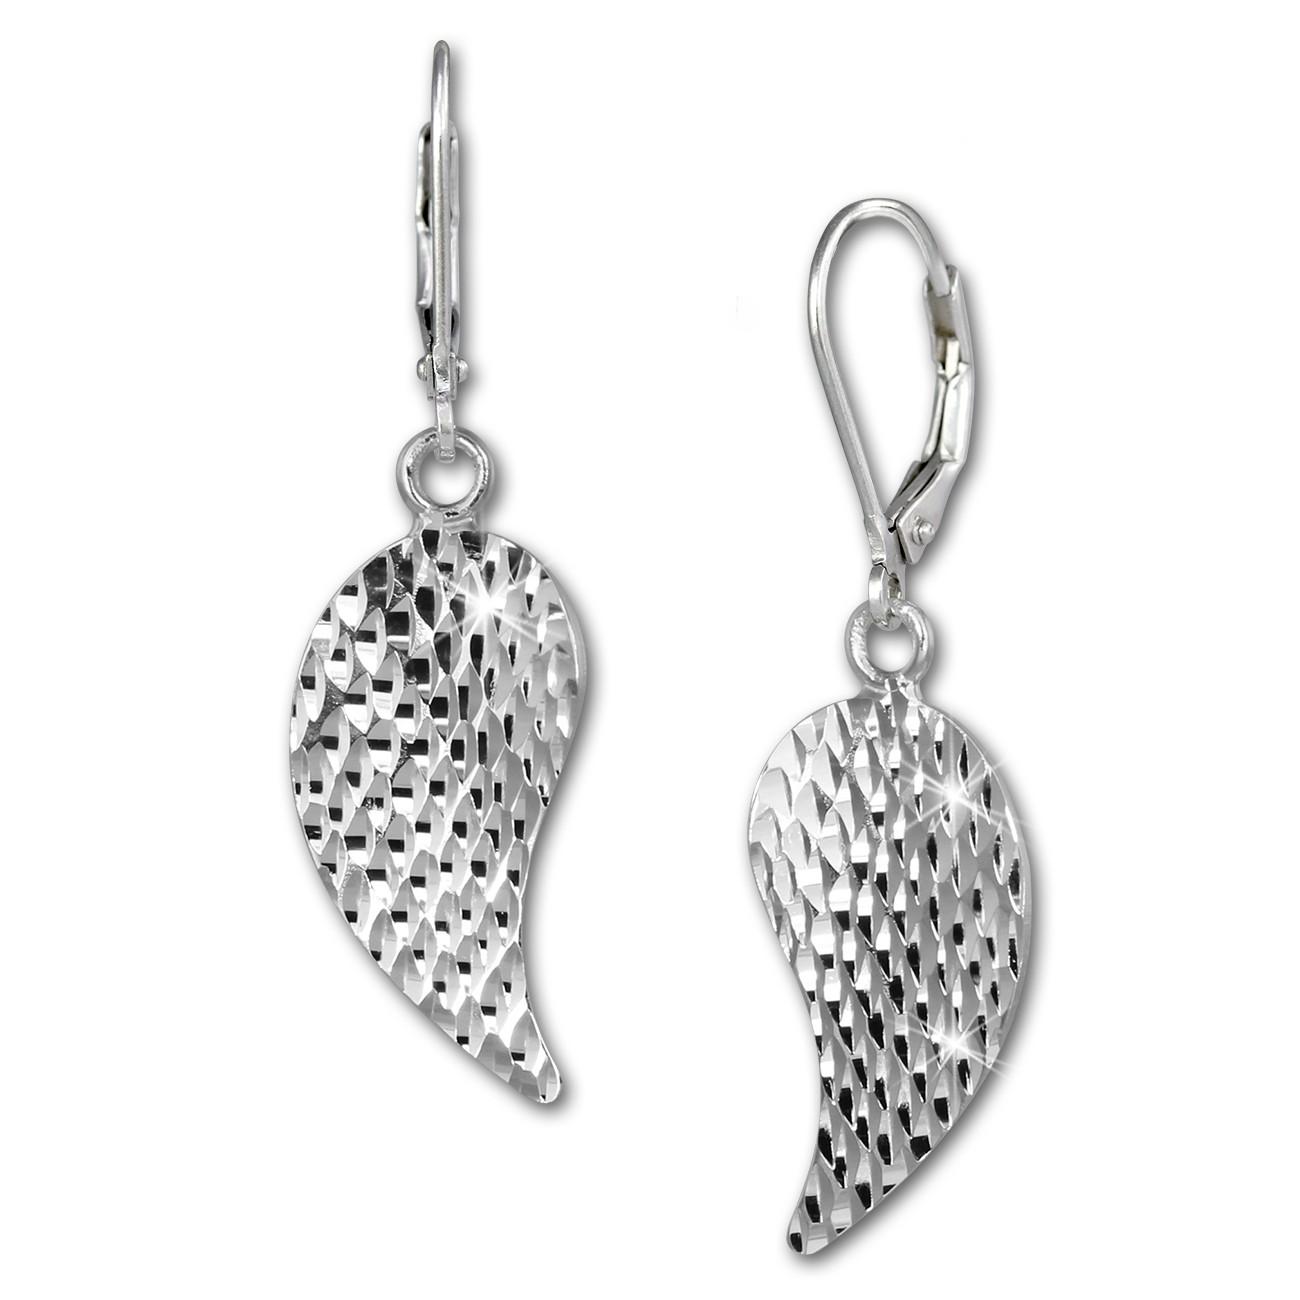 SilberDream Ohrhänger Flügel diamantiert 925er Silber Damen SDO388J